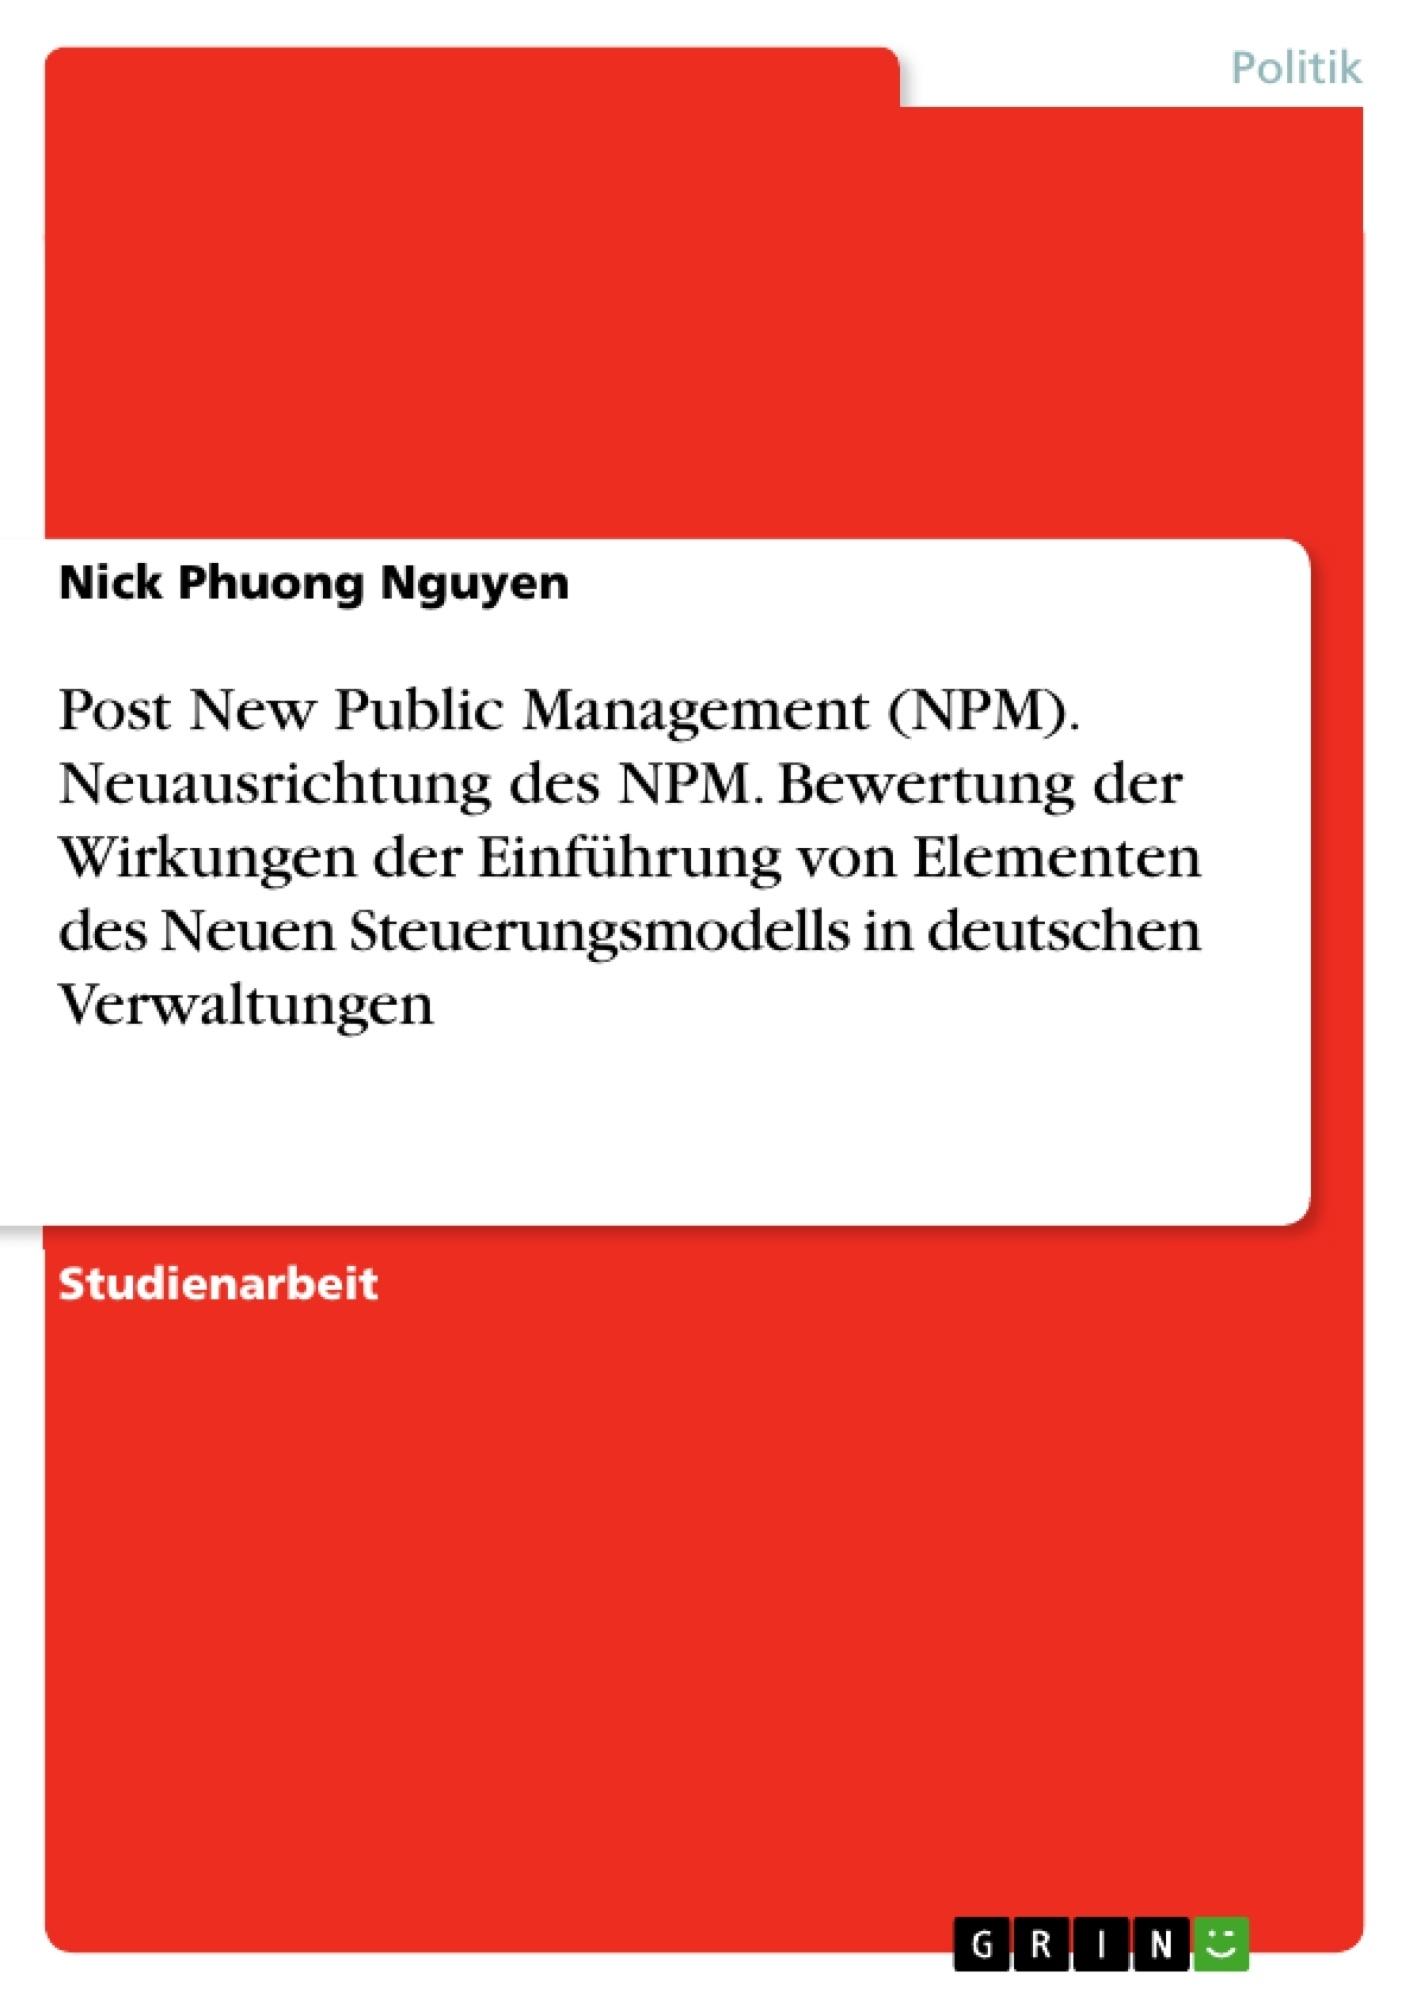 Titel: Post New Public Management (NPM). Neuausrichtung des NPM. Bewertung der Wirkungen der Einführung von Elementen des Neuen Steuerungsmodells in deutschen Verwaltungen